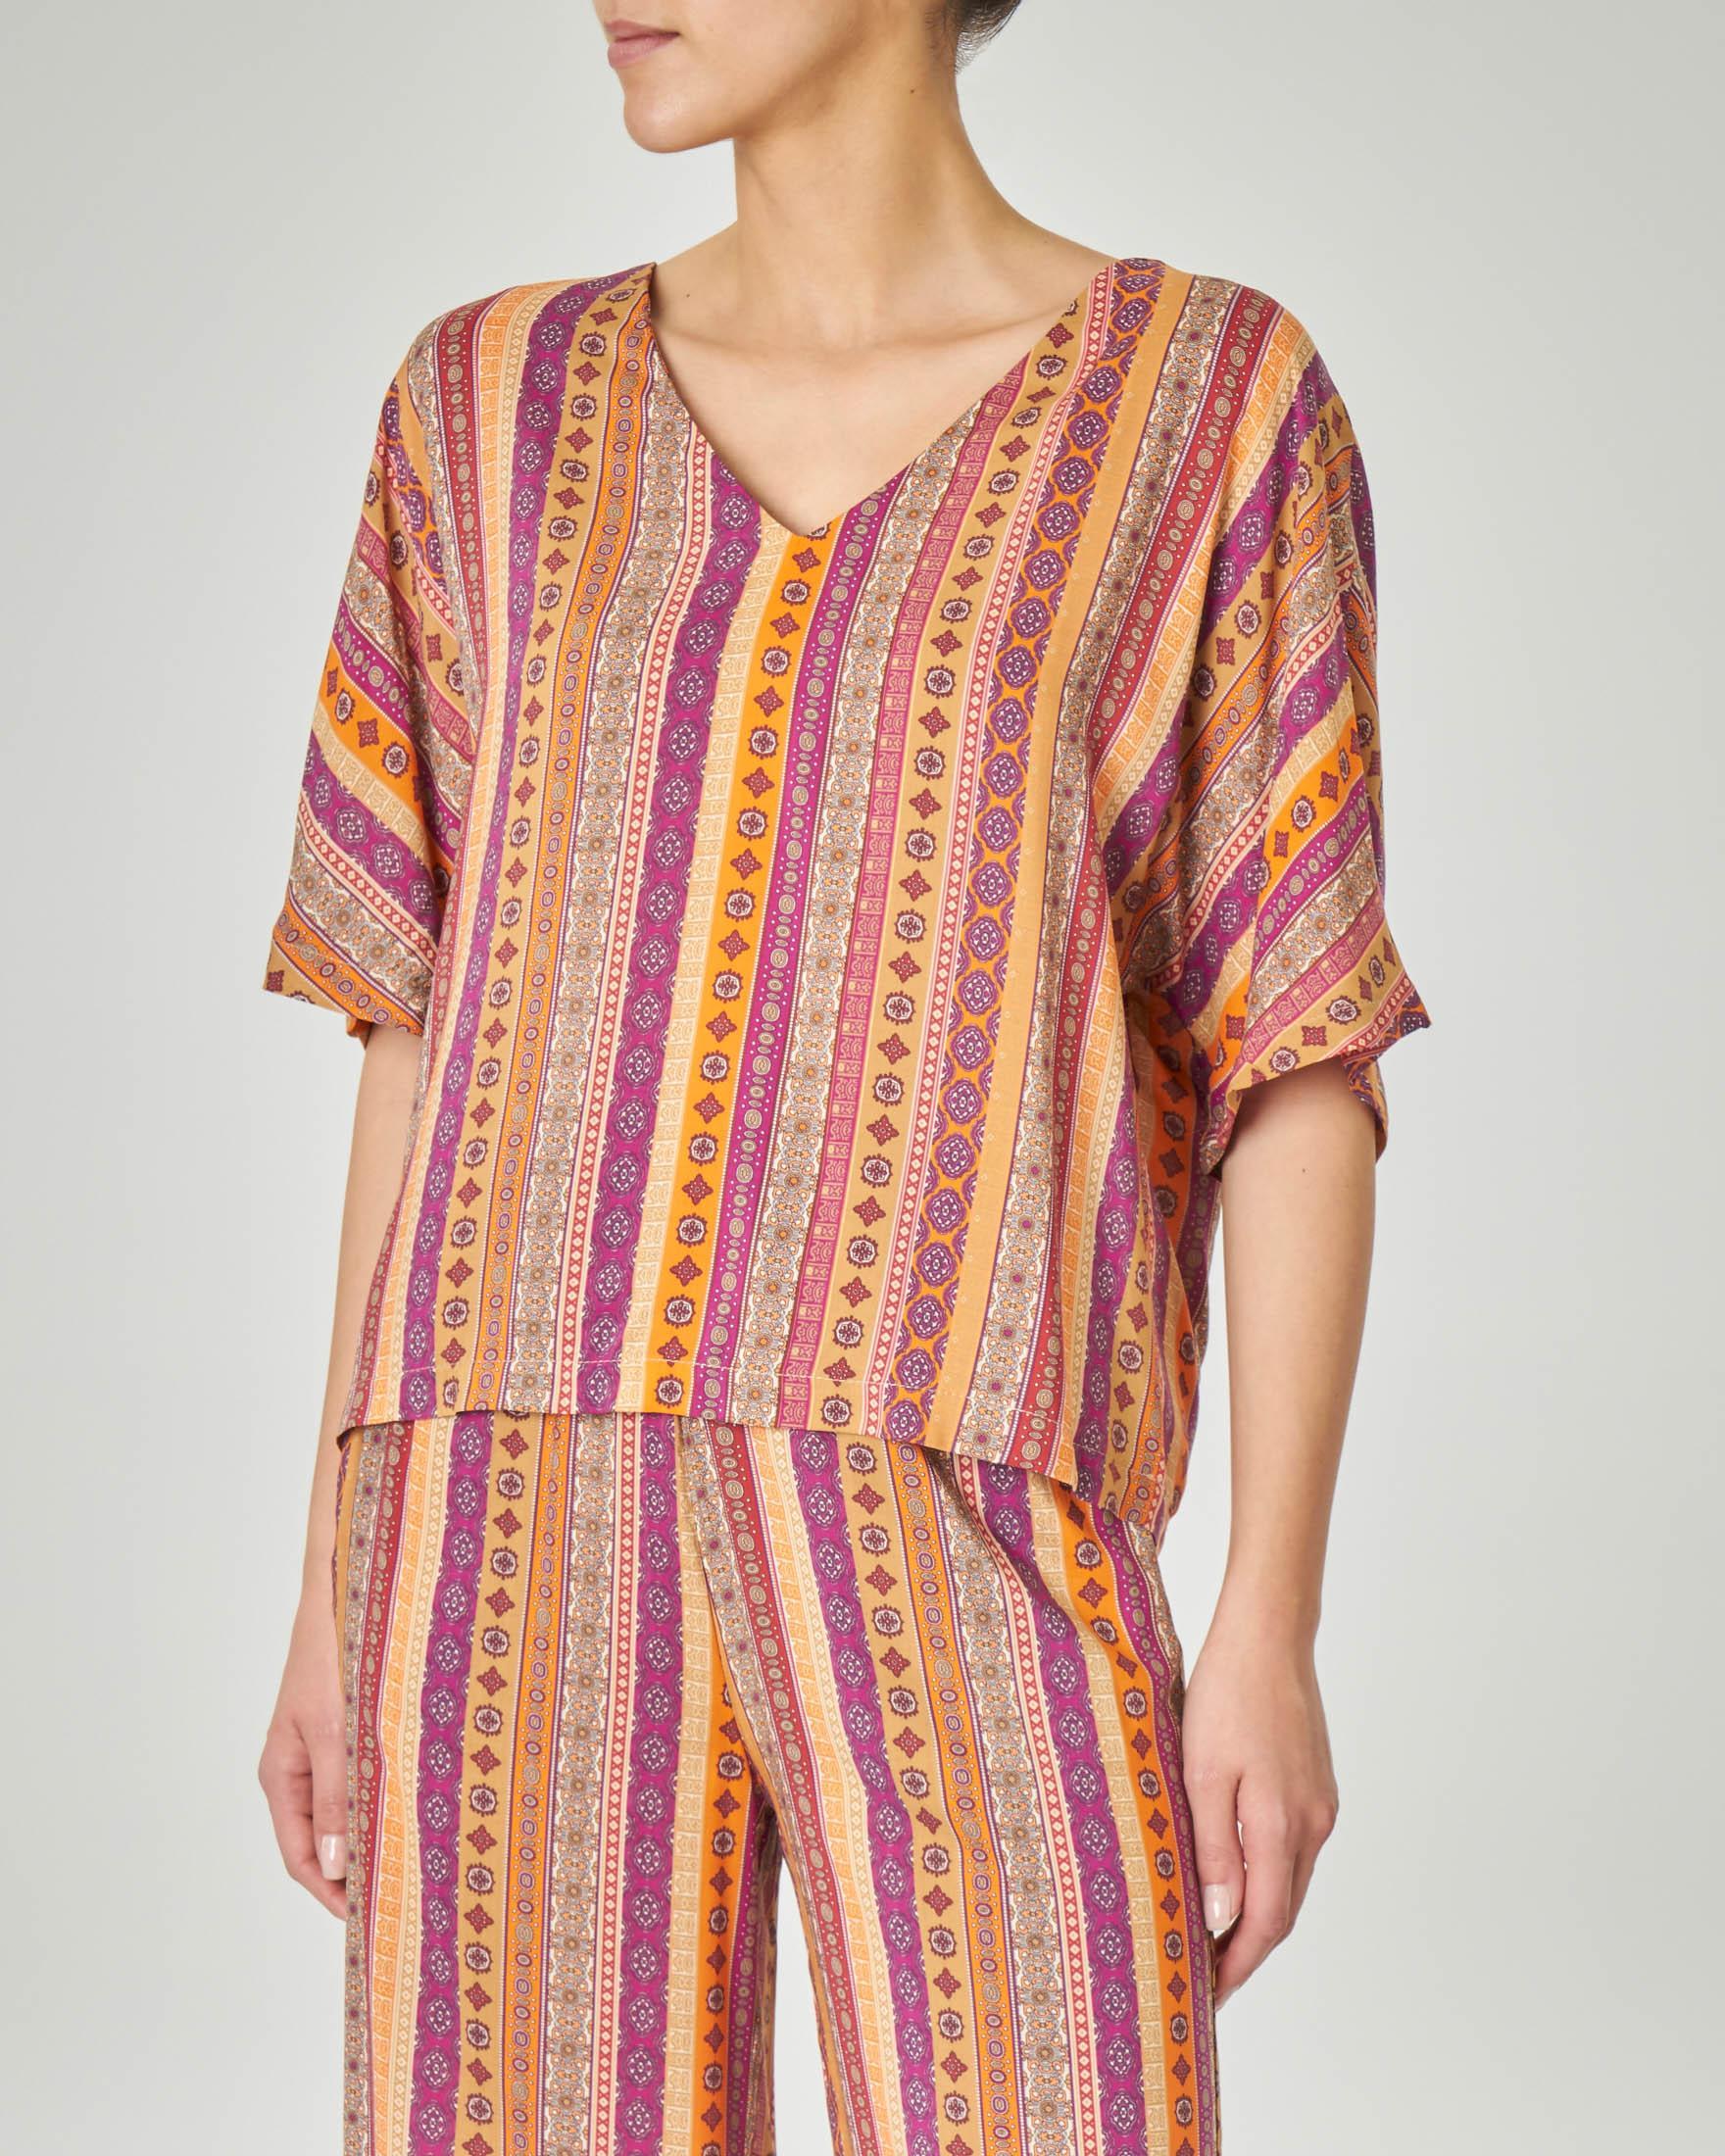 Blusa in viscosa con scollo a V e maniche a kimono disegni stile India arancioni e bordeaux